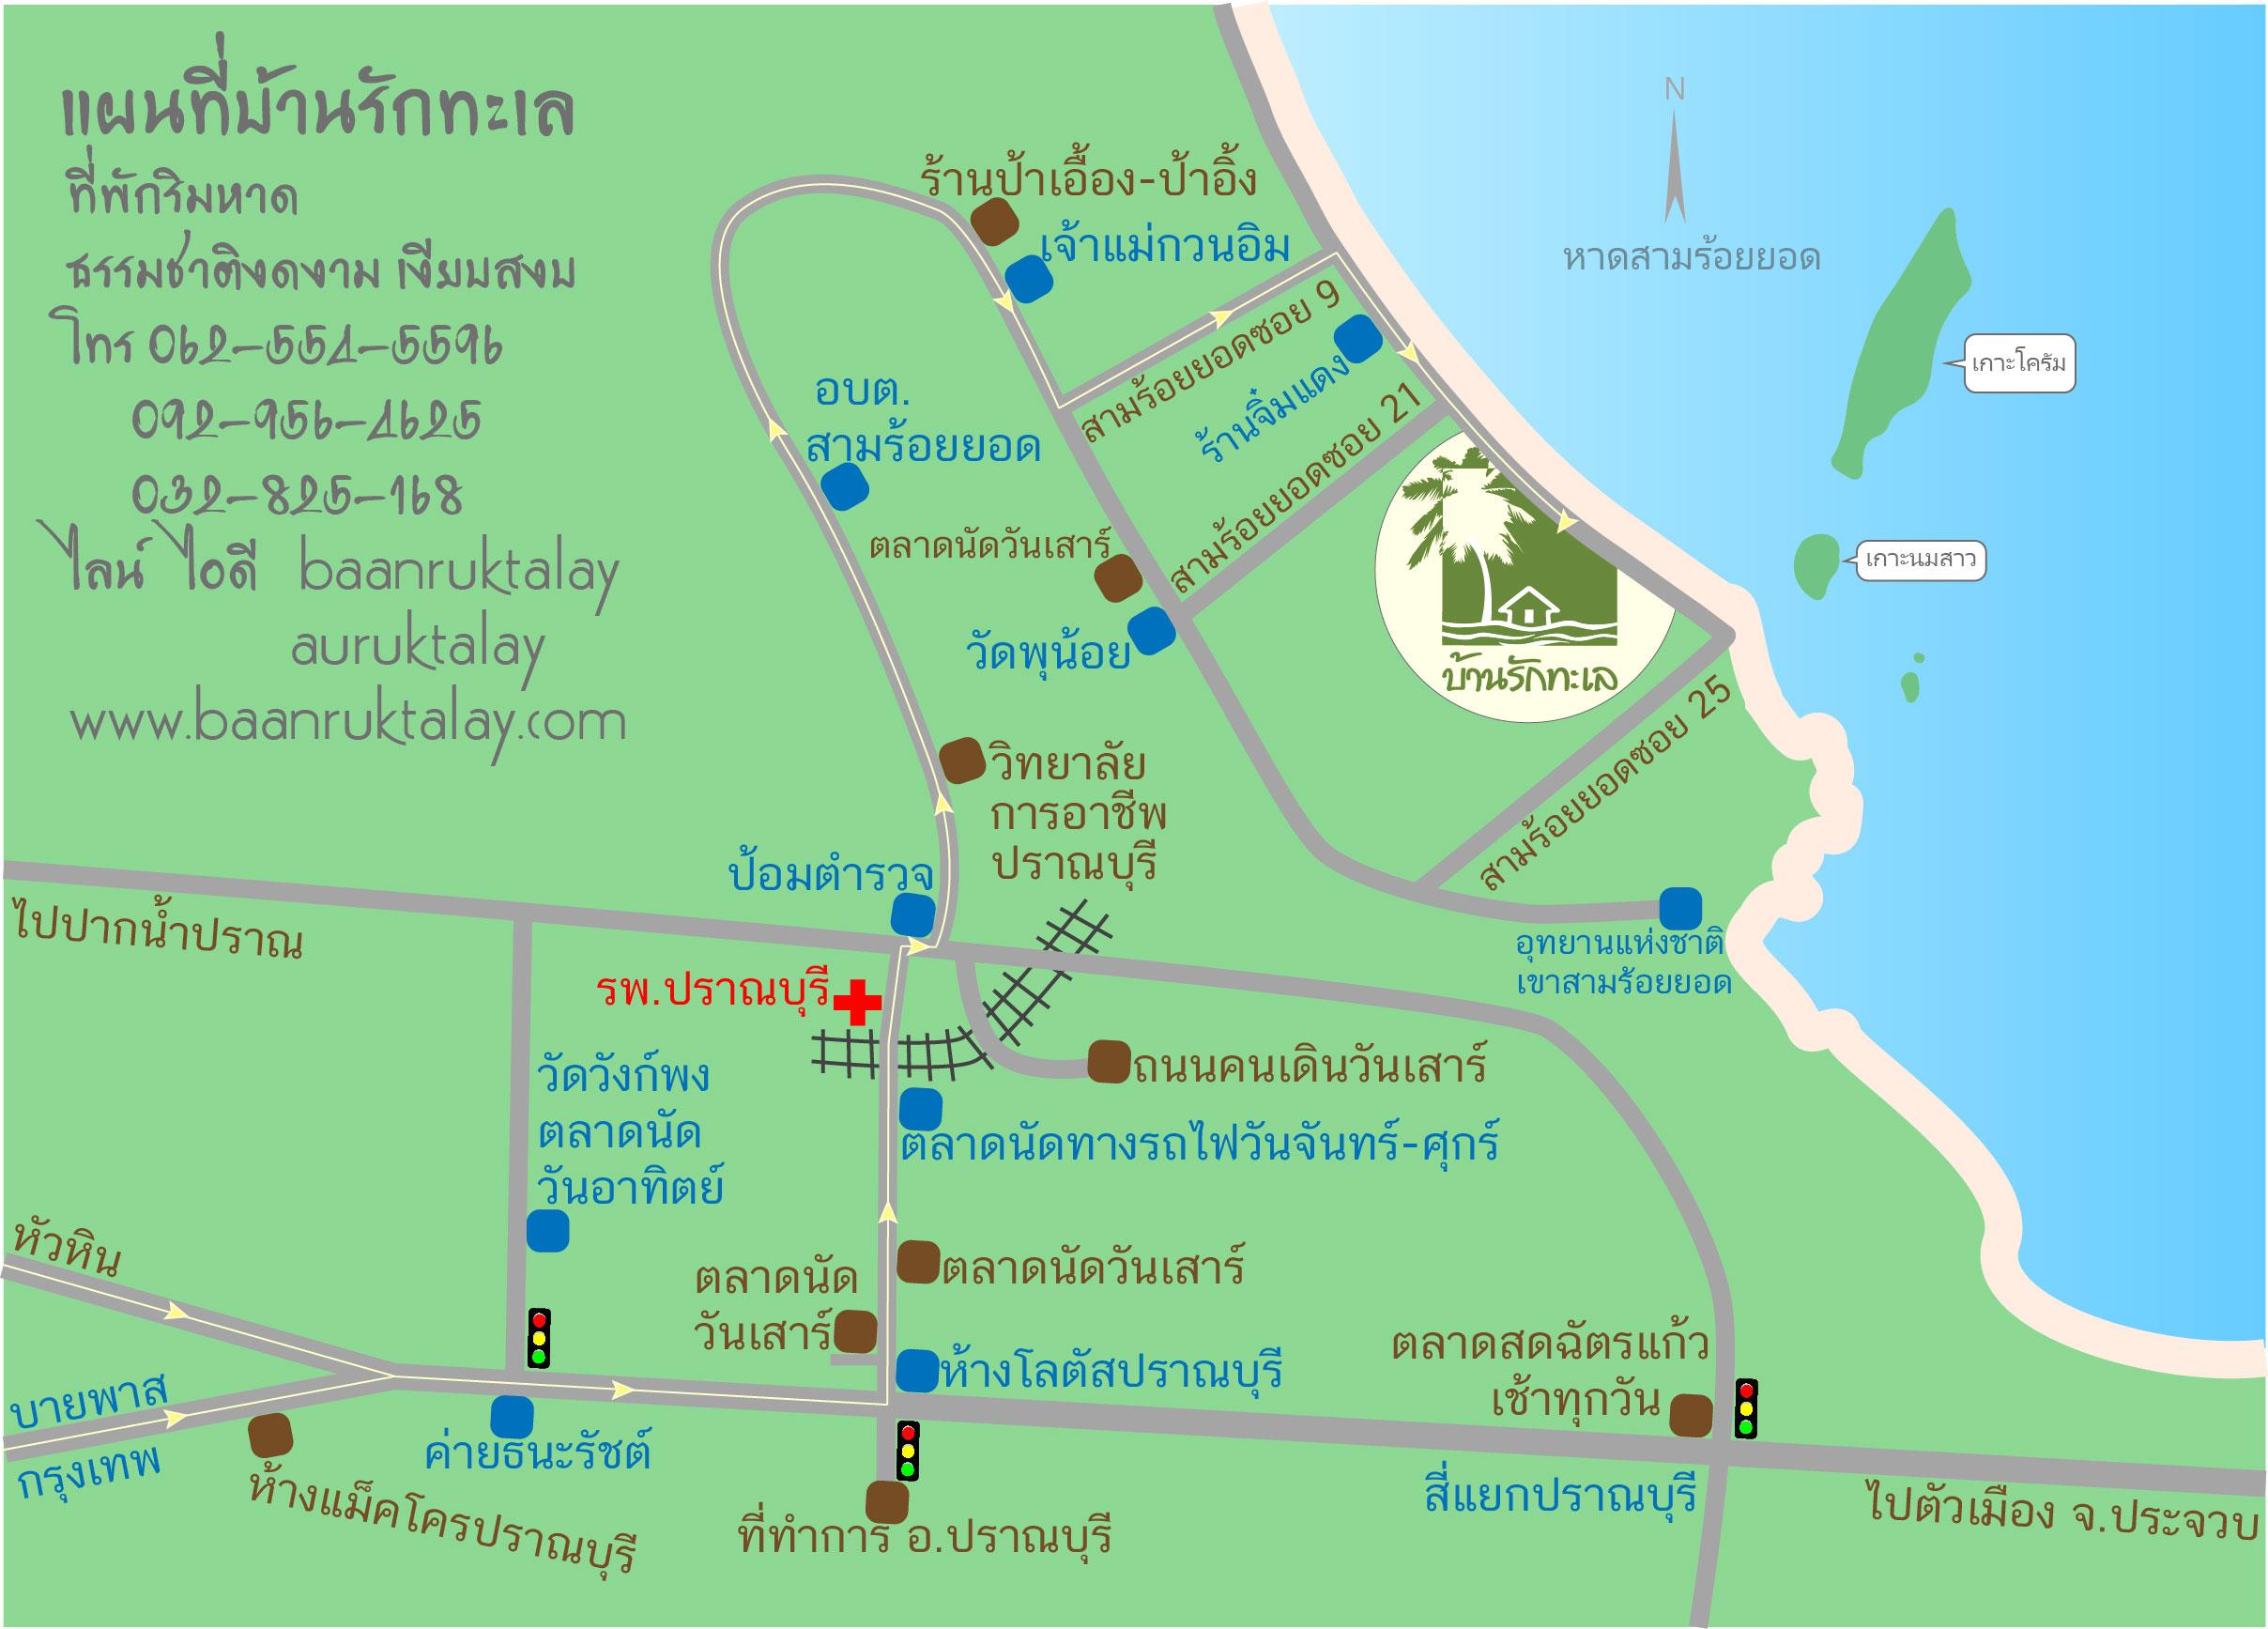 แผนที่ ที่พักปราณบุรี ติดทะเล